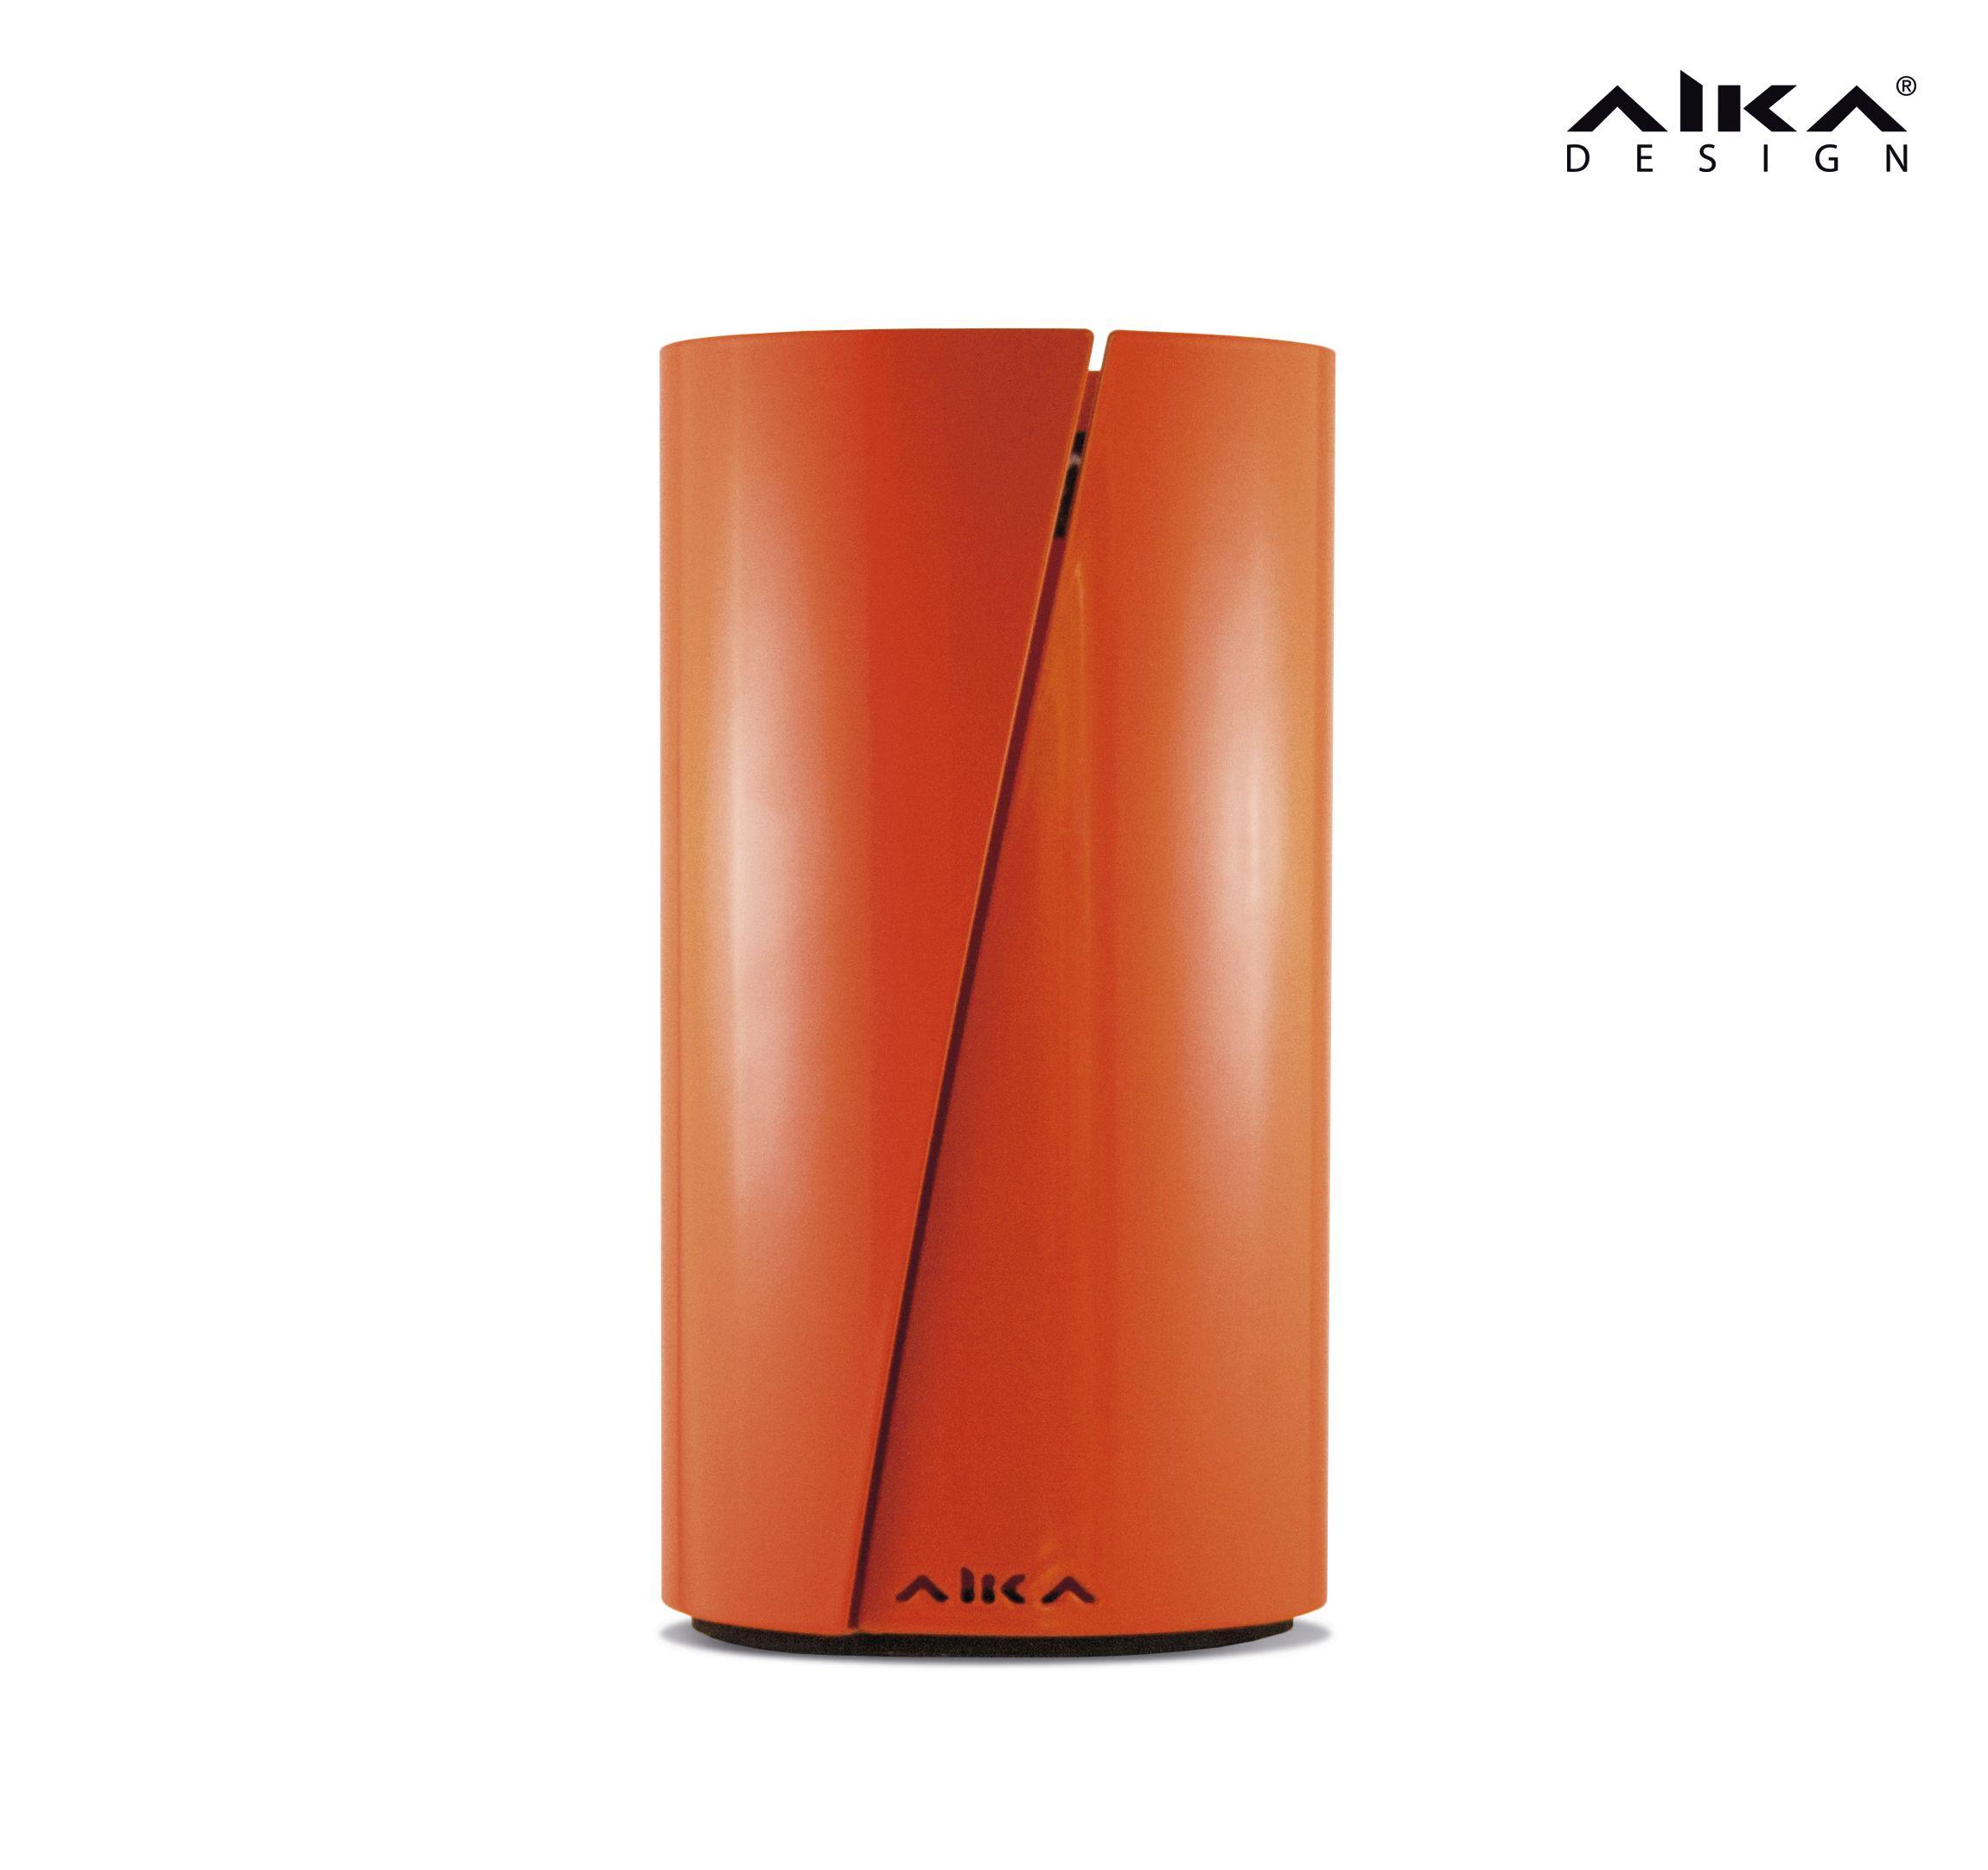 AIKAdesign - VETO talouspaperiteline, Mojo Orange. Tyylikkäästä, nokkelasta ja tukevasta telineestä on helppo repäistä paperi yhdellä kädellä. Kestävä teräskuori suojaa paperia roiskeilta. Pohjassa oleva solukumi pitää telineen paikollaan ja toimii pehmusteena pöytäpintaa vasten. VETO stylish and useful paper stand for household towel. #aikadesign #aika #veto #design #paperiteline